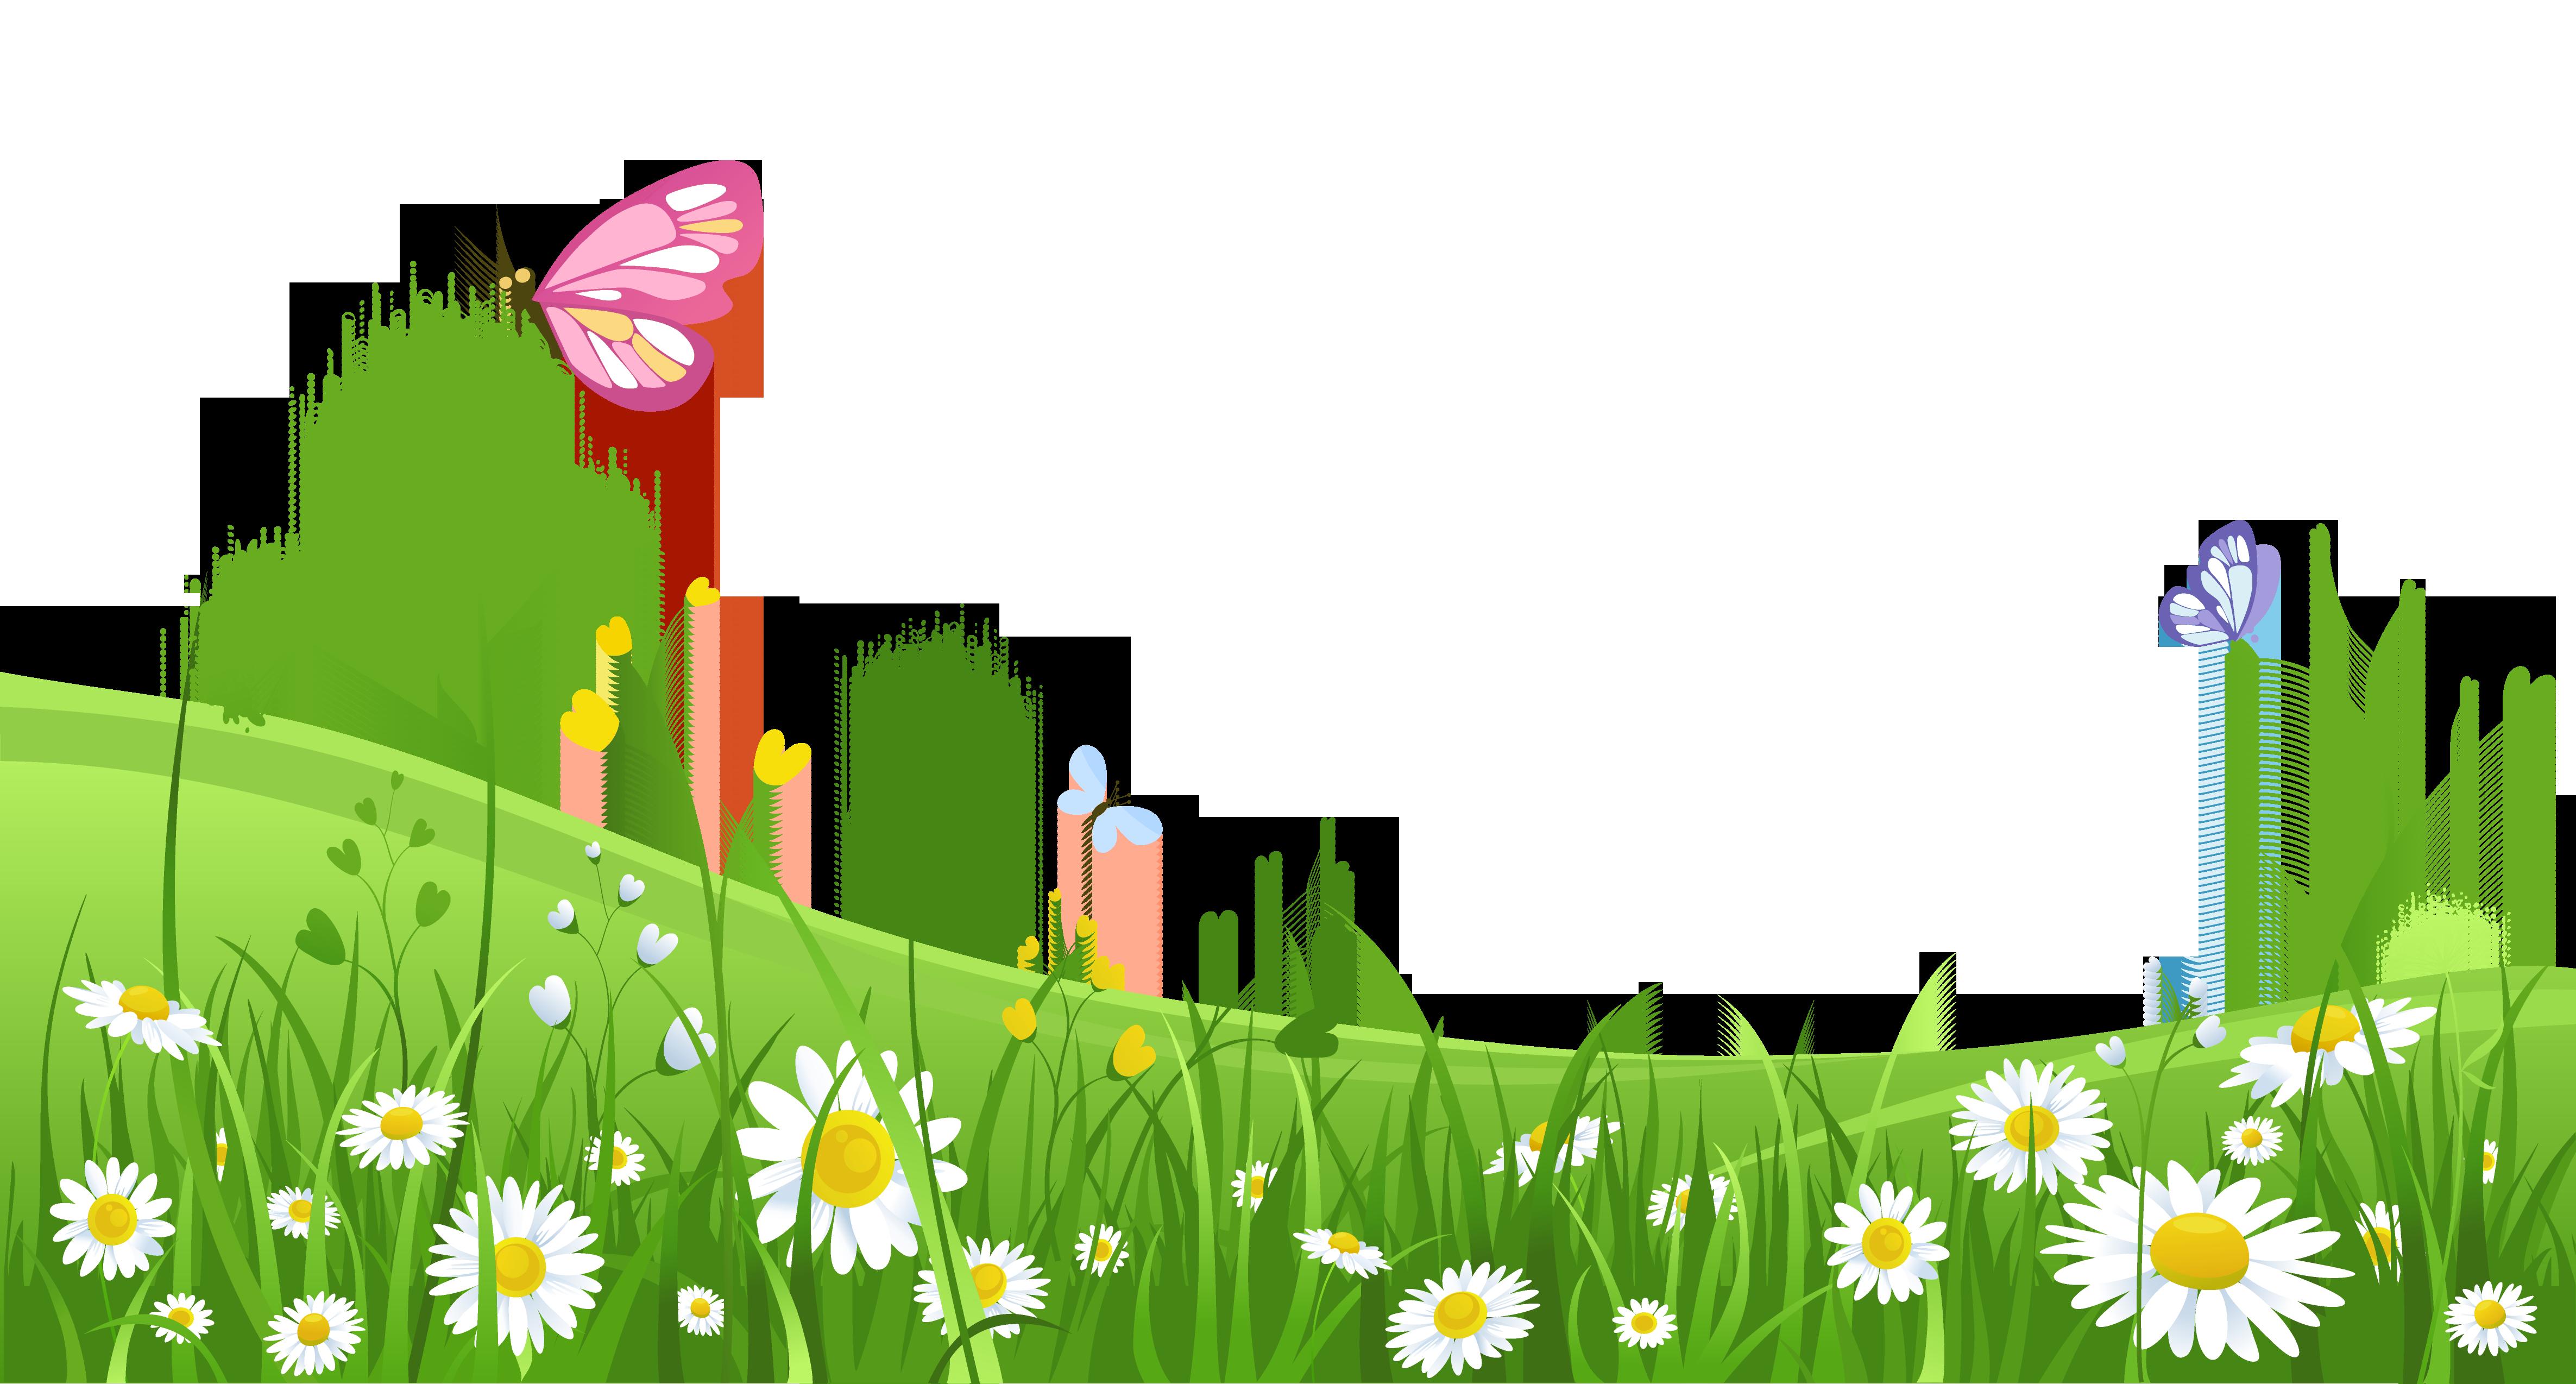 Garden Clipart Background Hd.